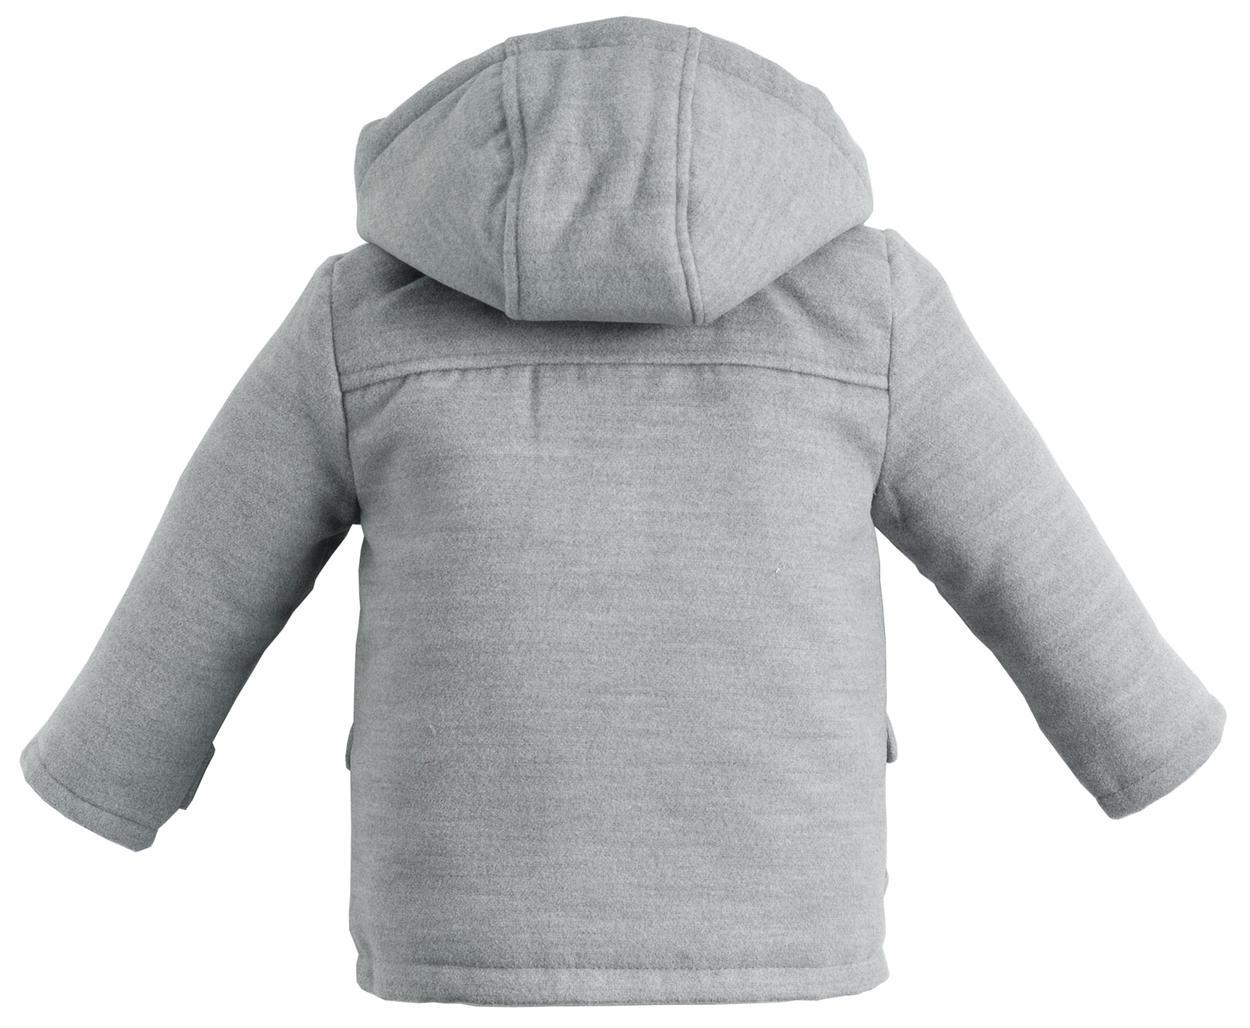 competitive price 5f17f 2a022 Montgomery in morbido e caldo tessuto per bambino da 6 mesi a 7 anni  Sarabanda